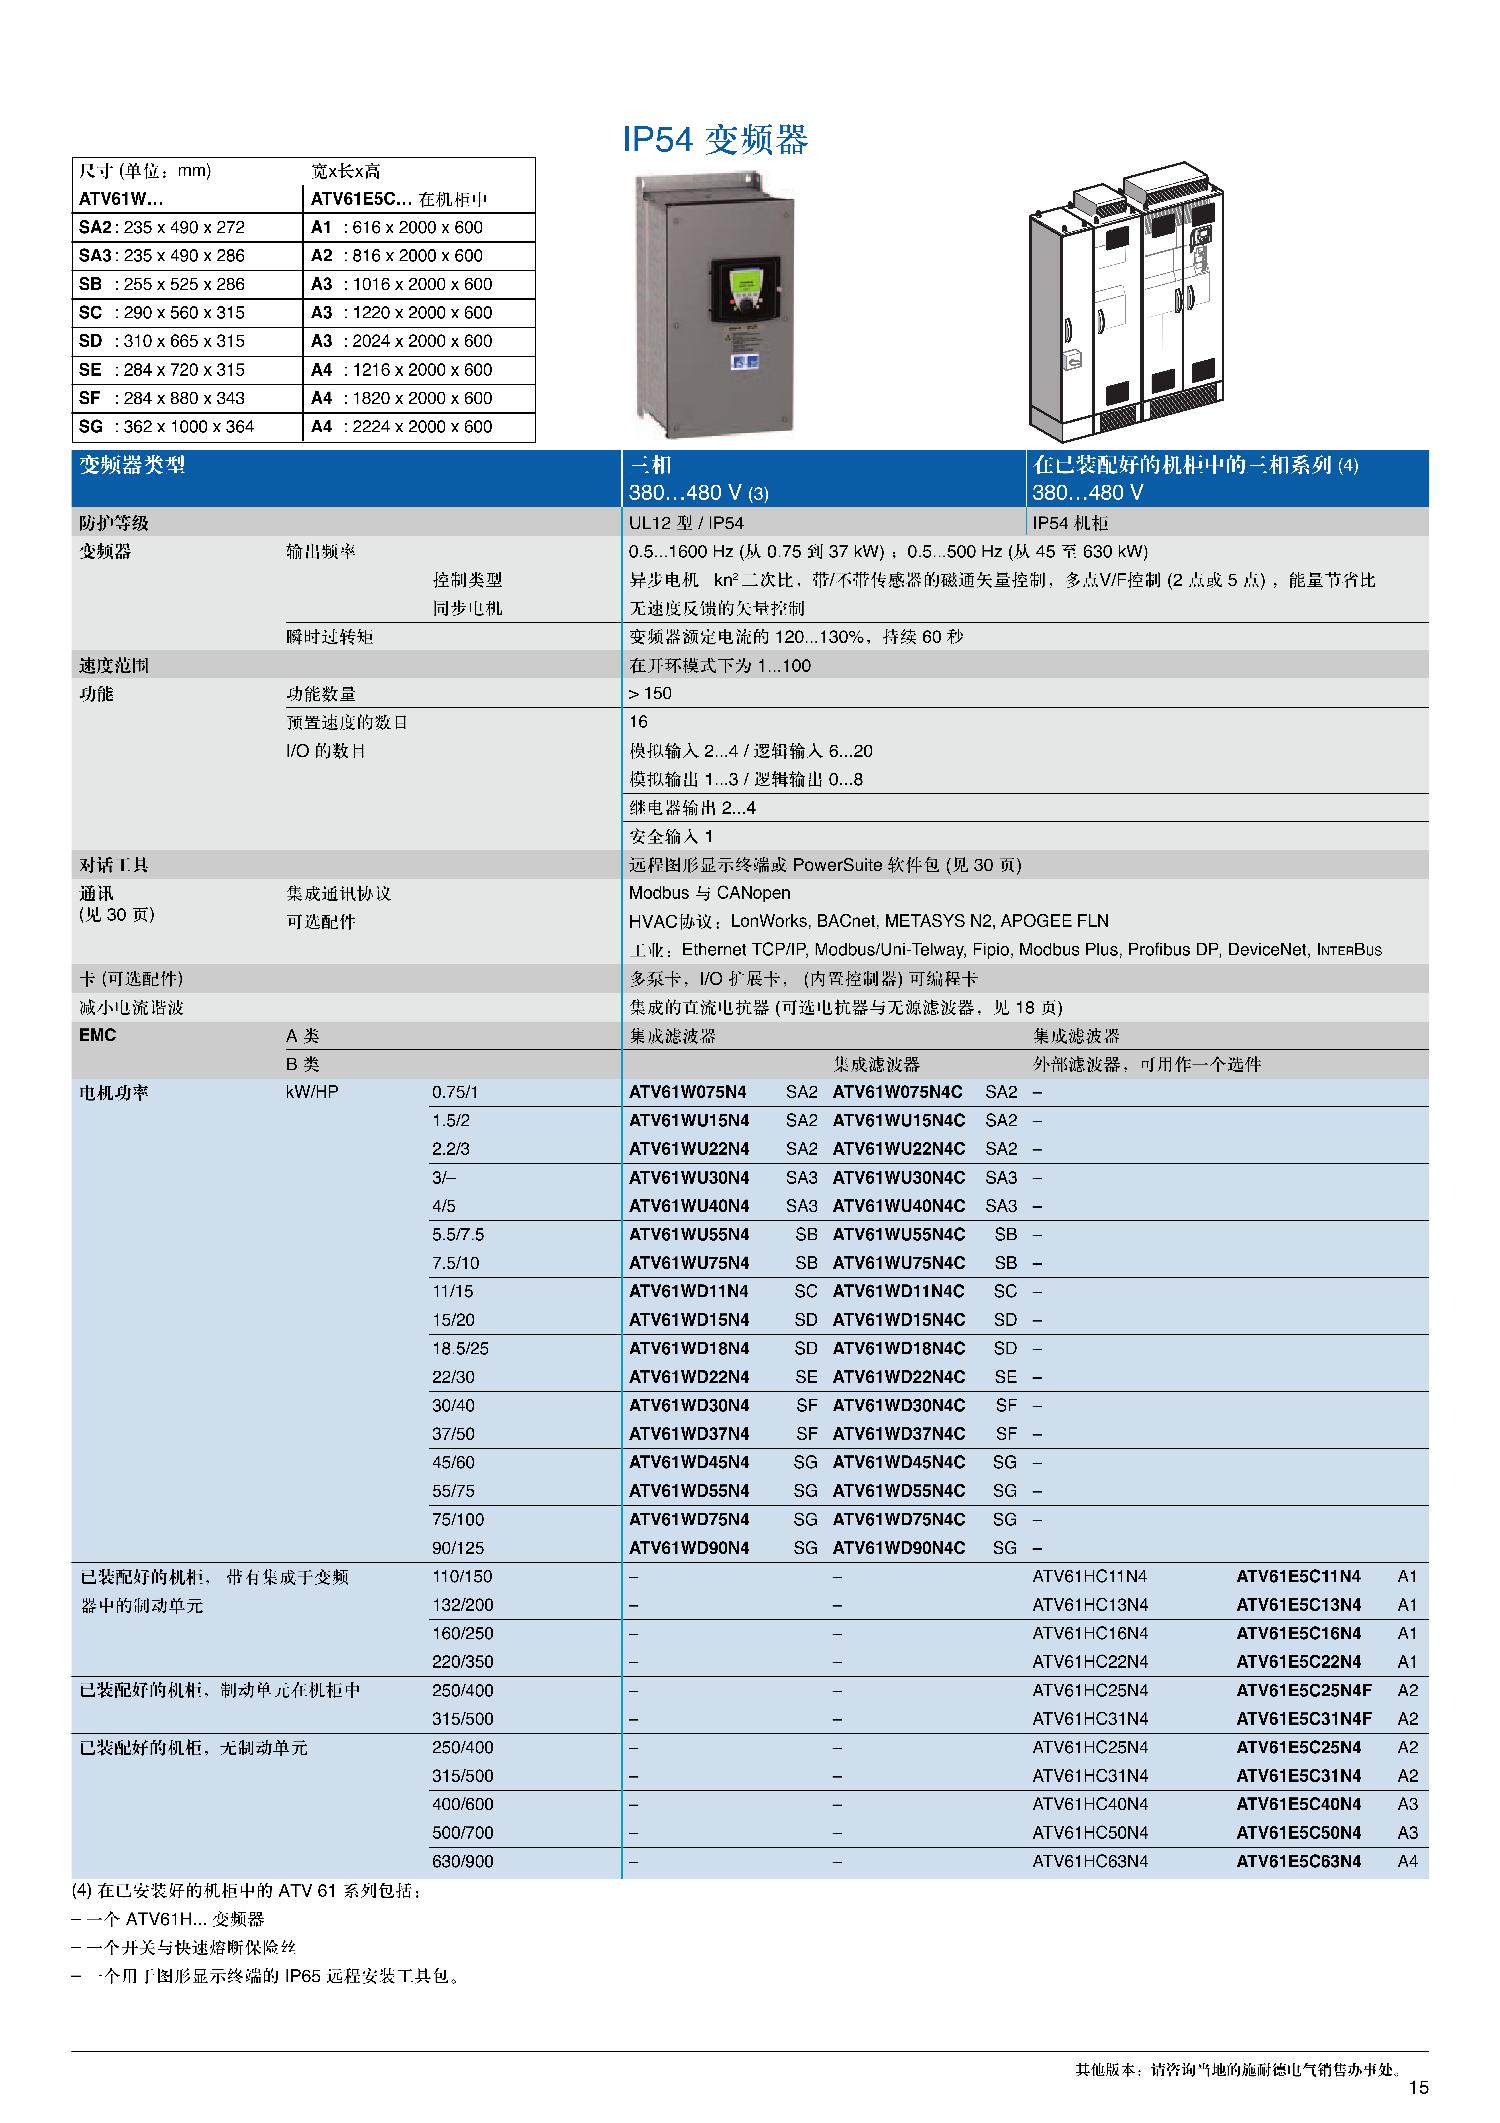 变频器-供应施耐德变频器atv61hd45n4z